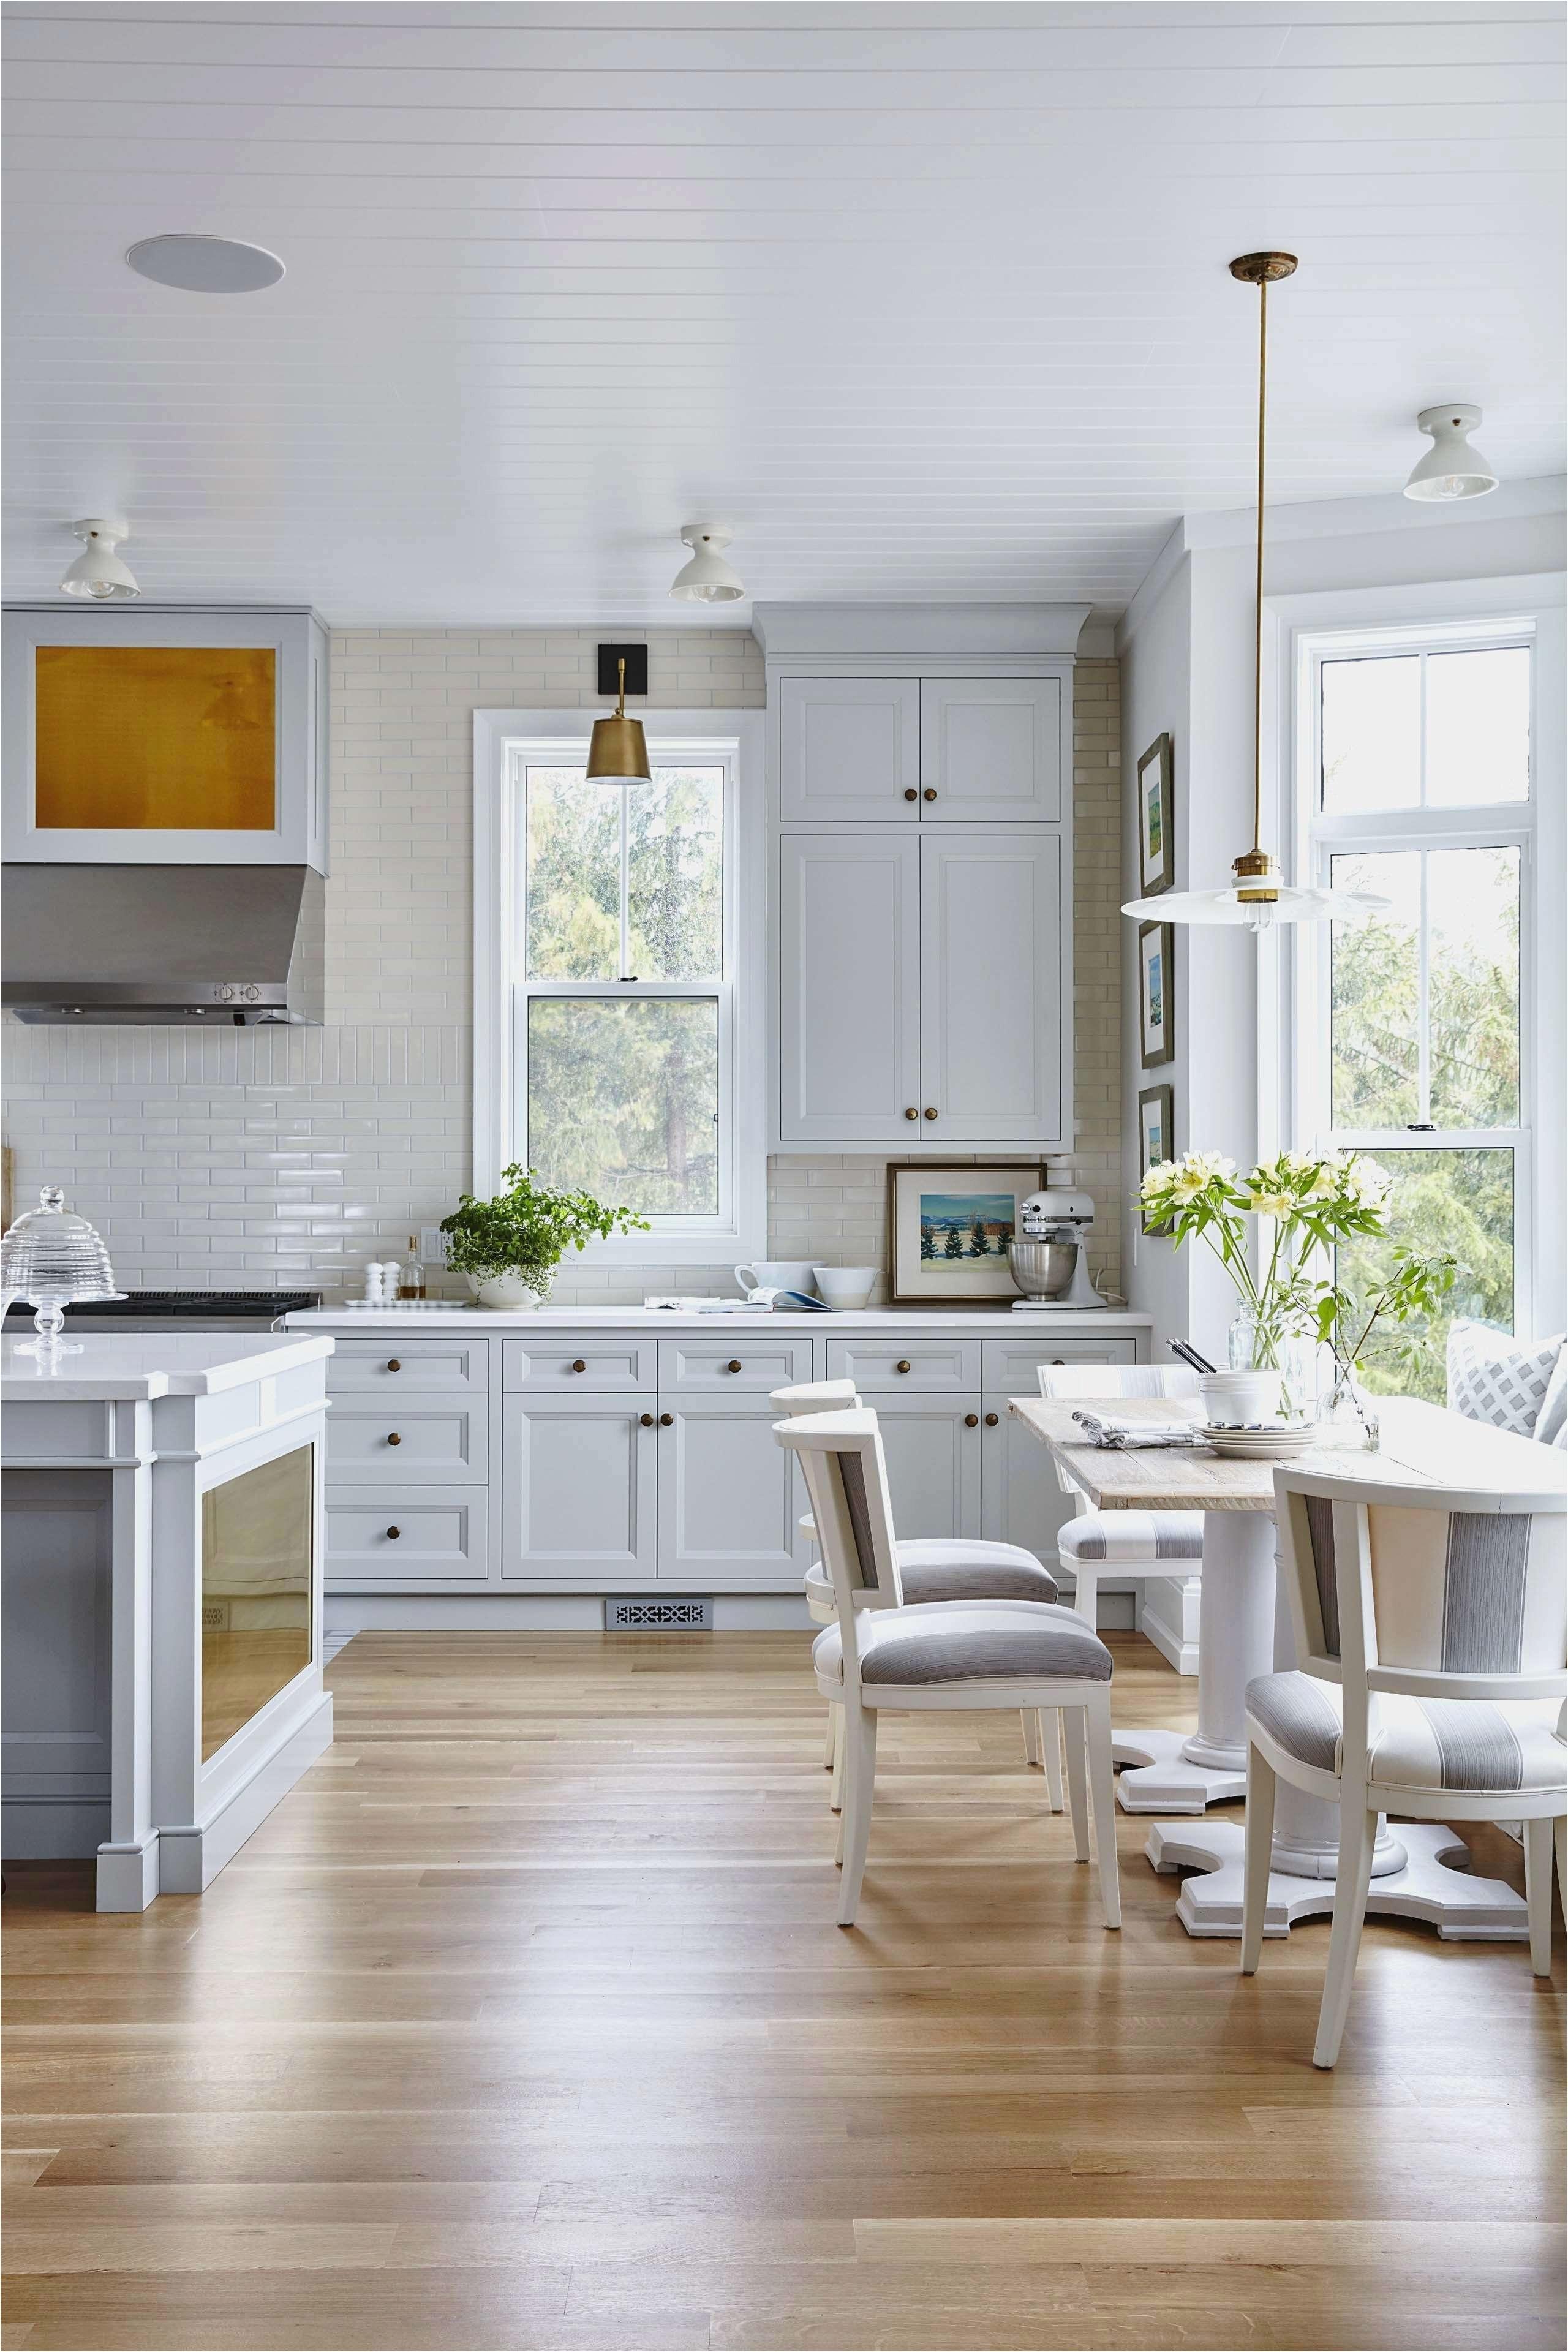 Paint Colors for Kitchens Wondrous Apartment Bedroom Decor Awesome Kitchen Joys Kitchen Joys Kitchen 0d